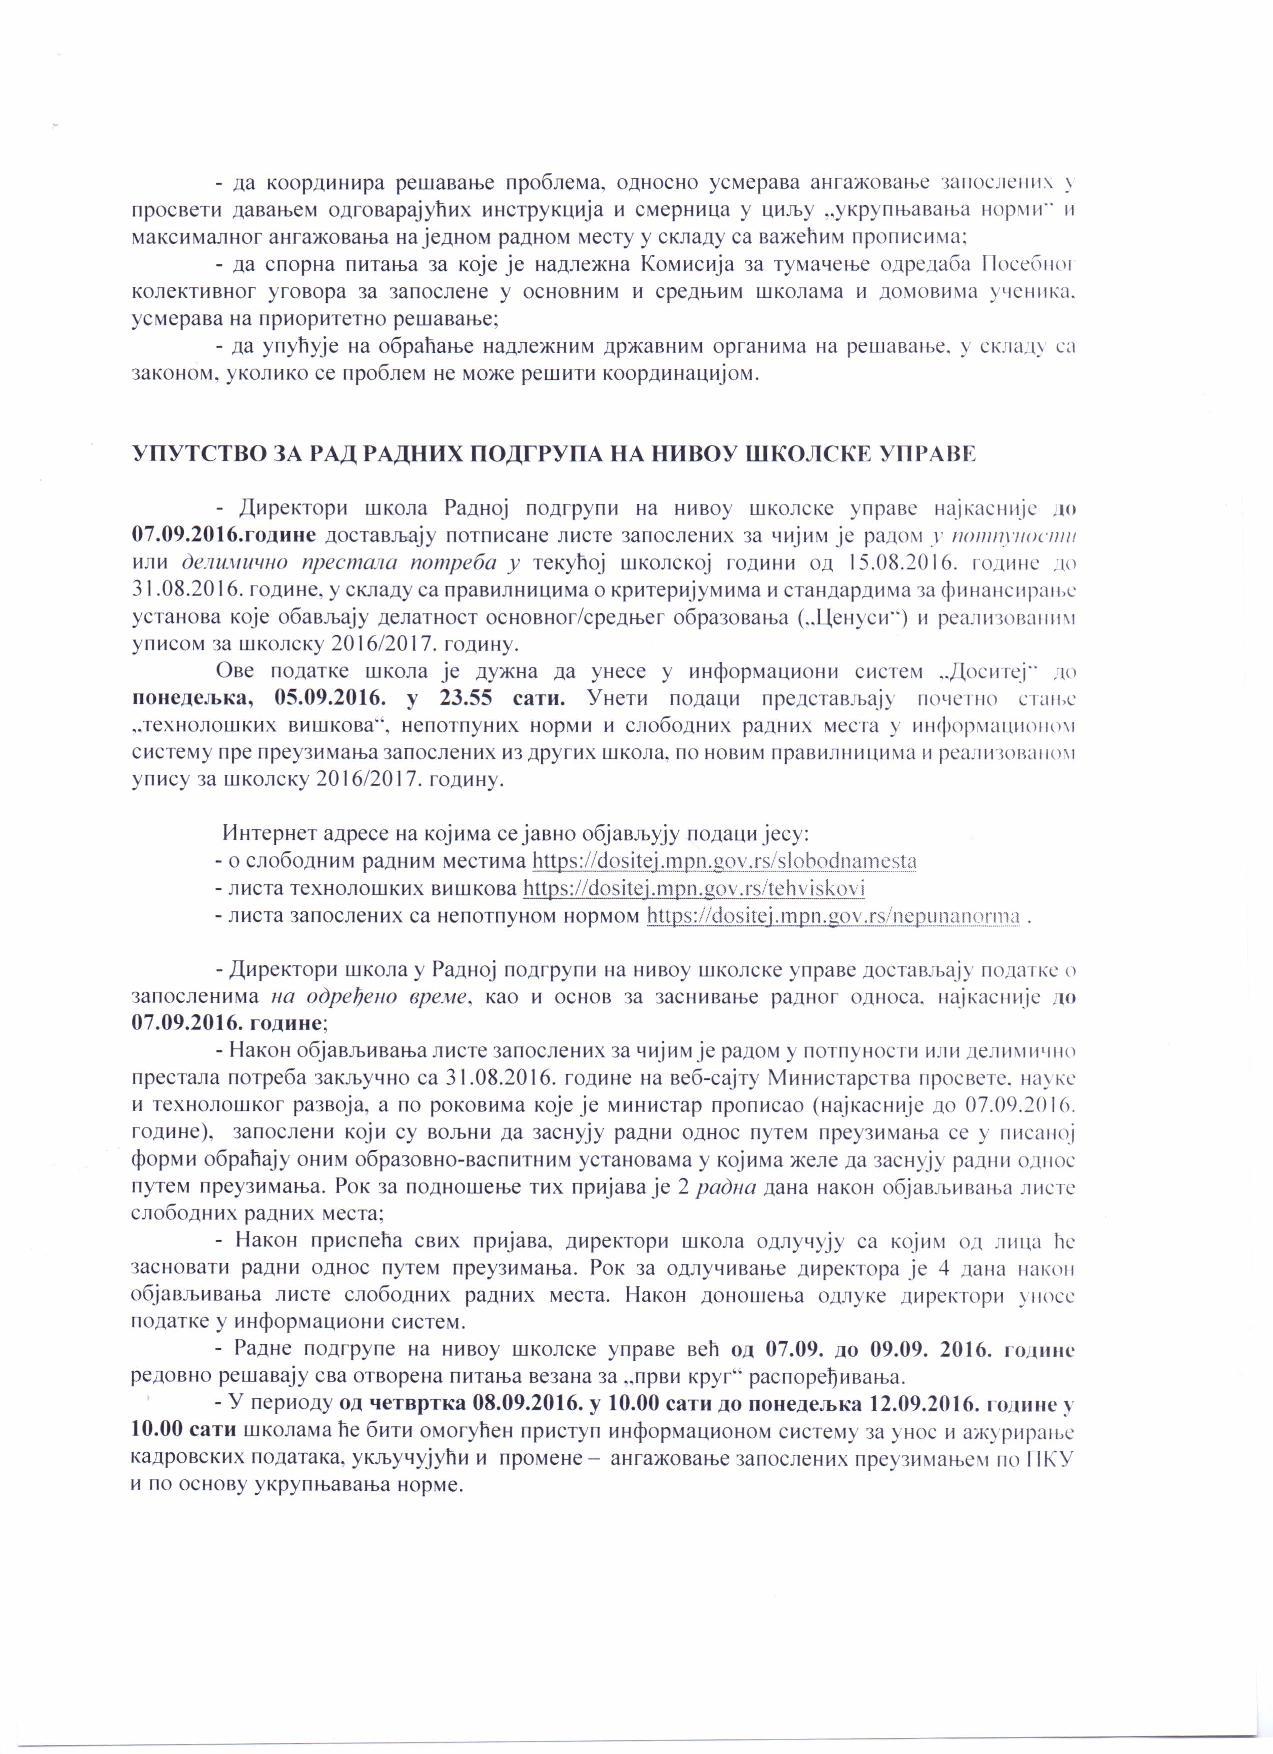 Stručno uputstvo 06.09.2016.-page-002